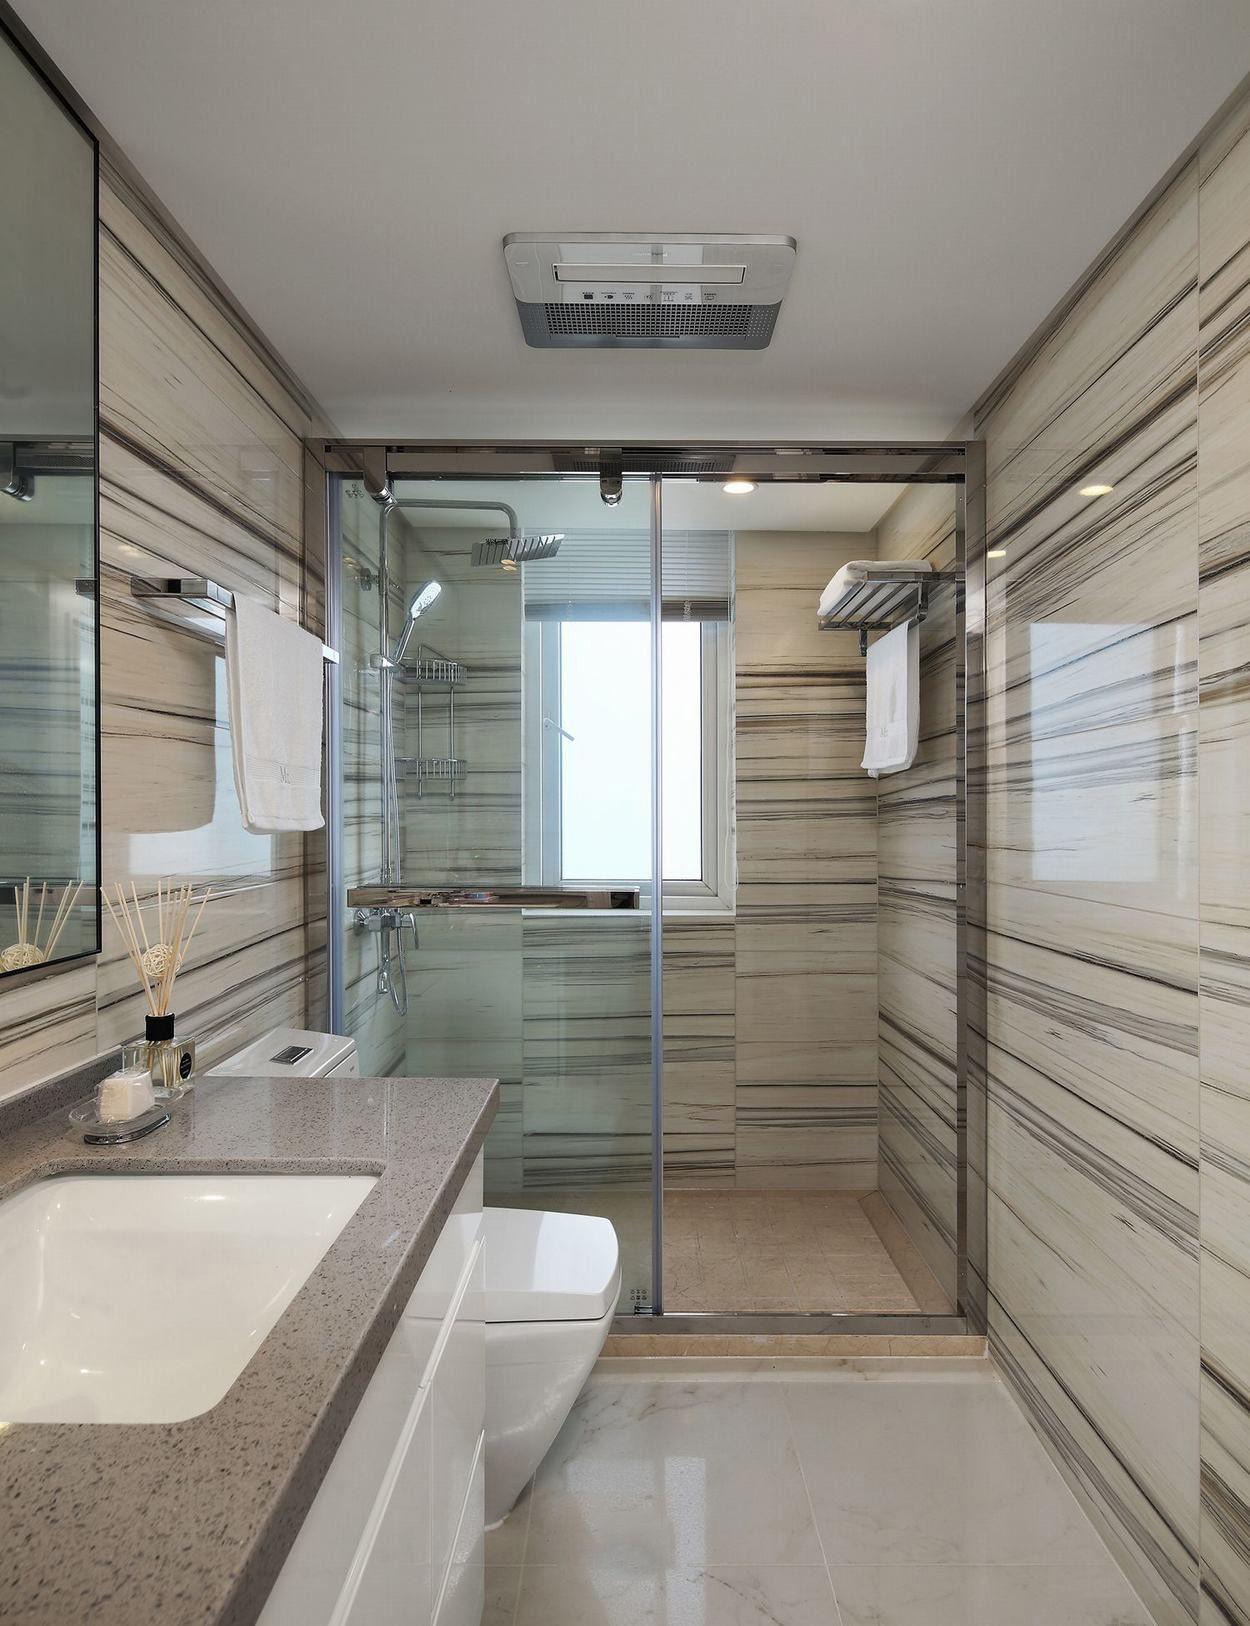 96平米的房子装修只花了10万,现代简约风格让人眼前一